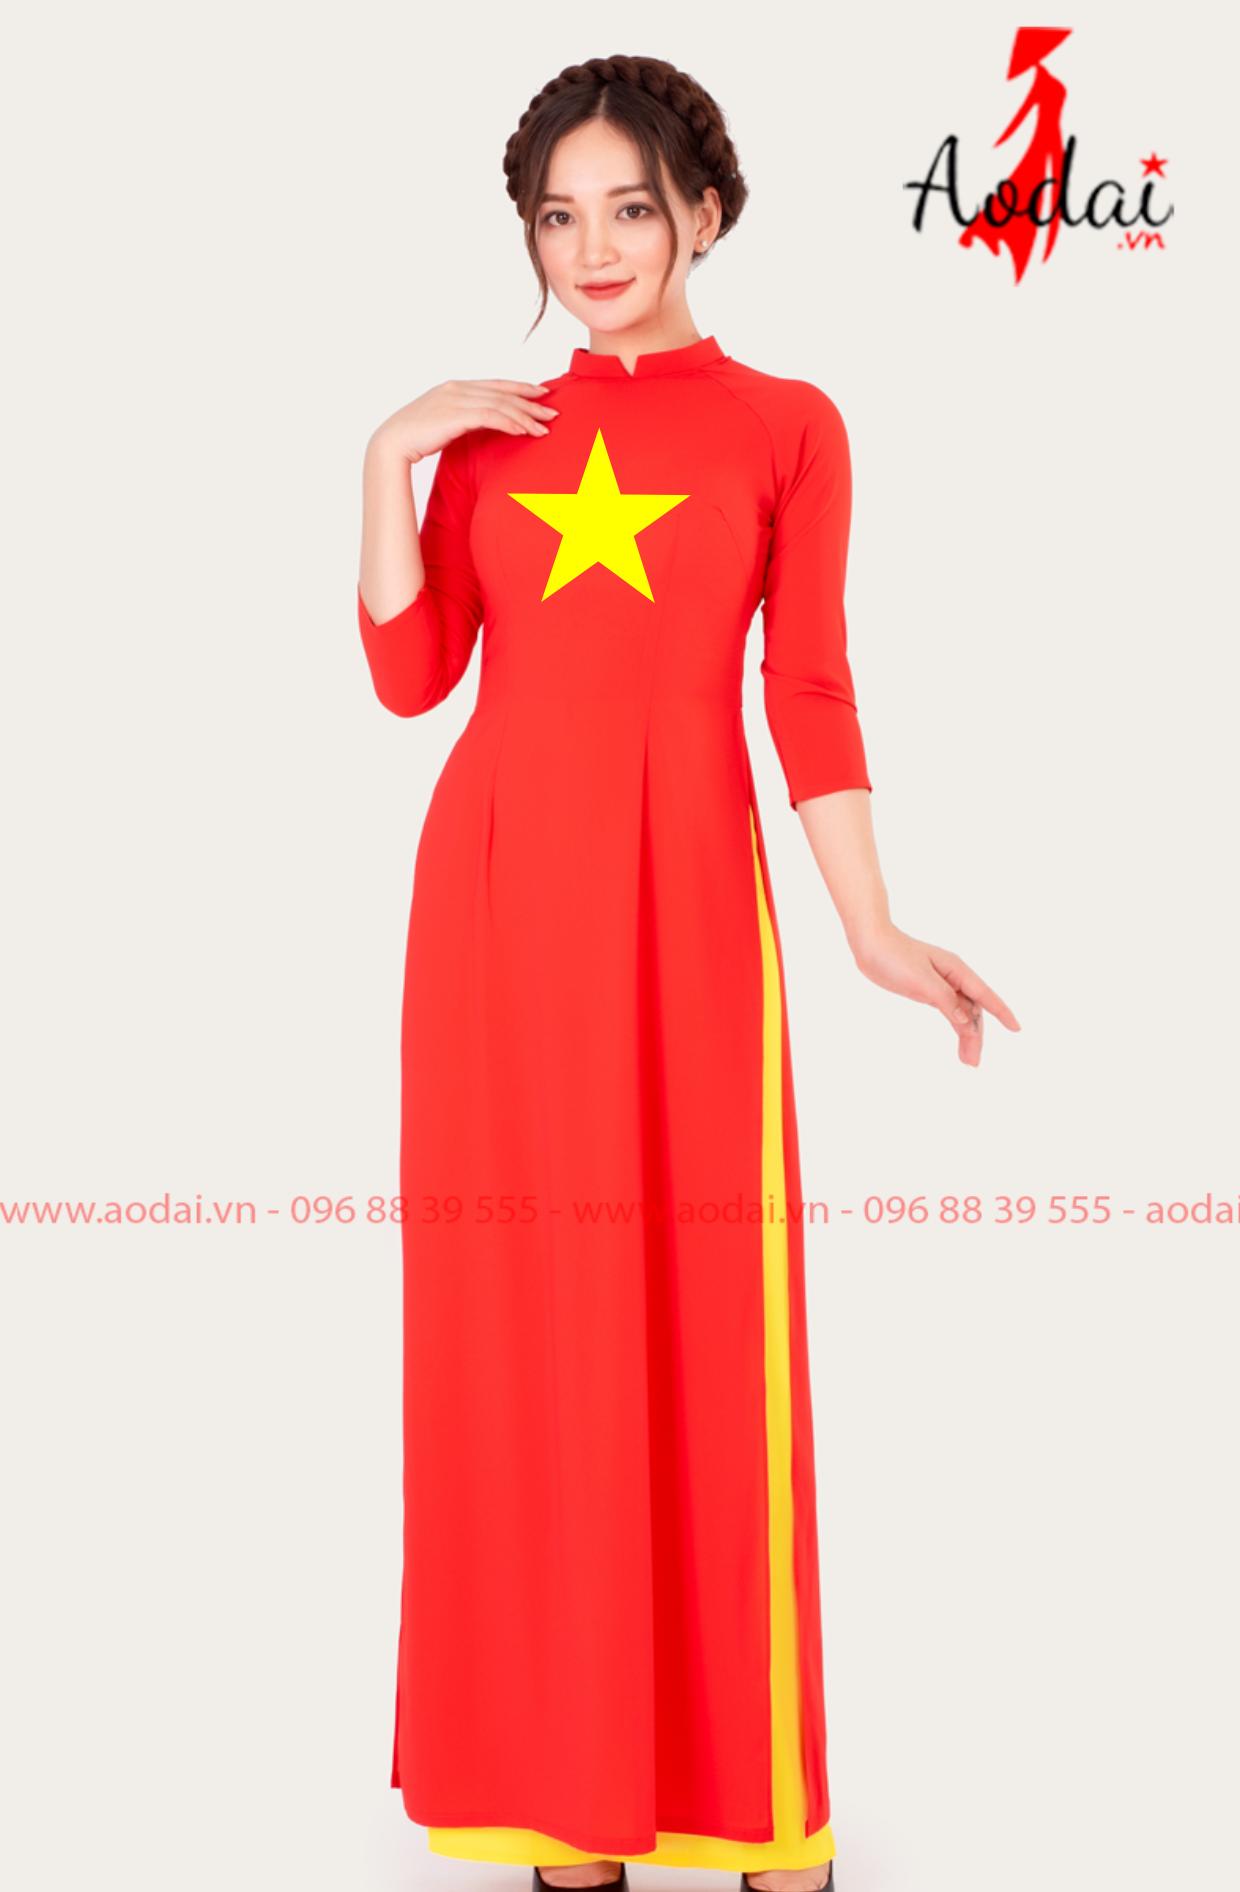 Áo dài nữ cờ đỏ sao vàng